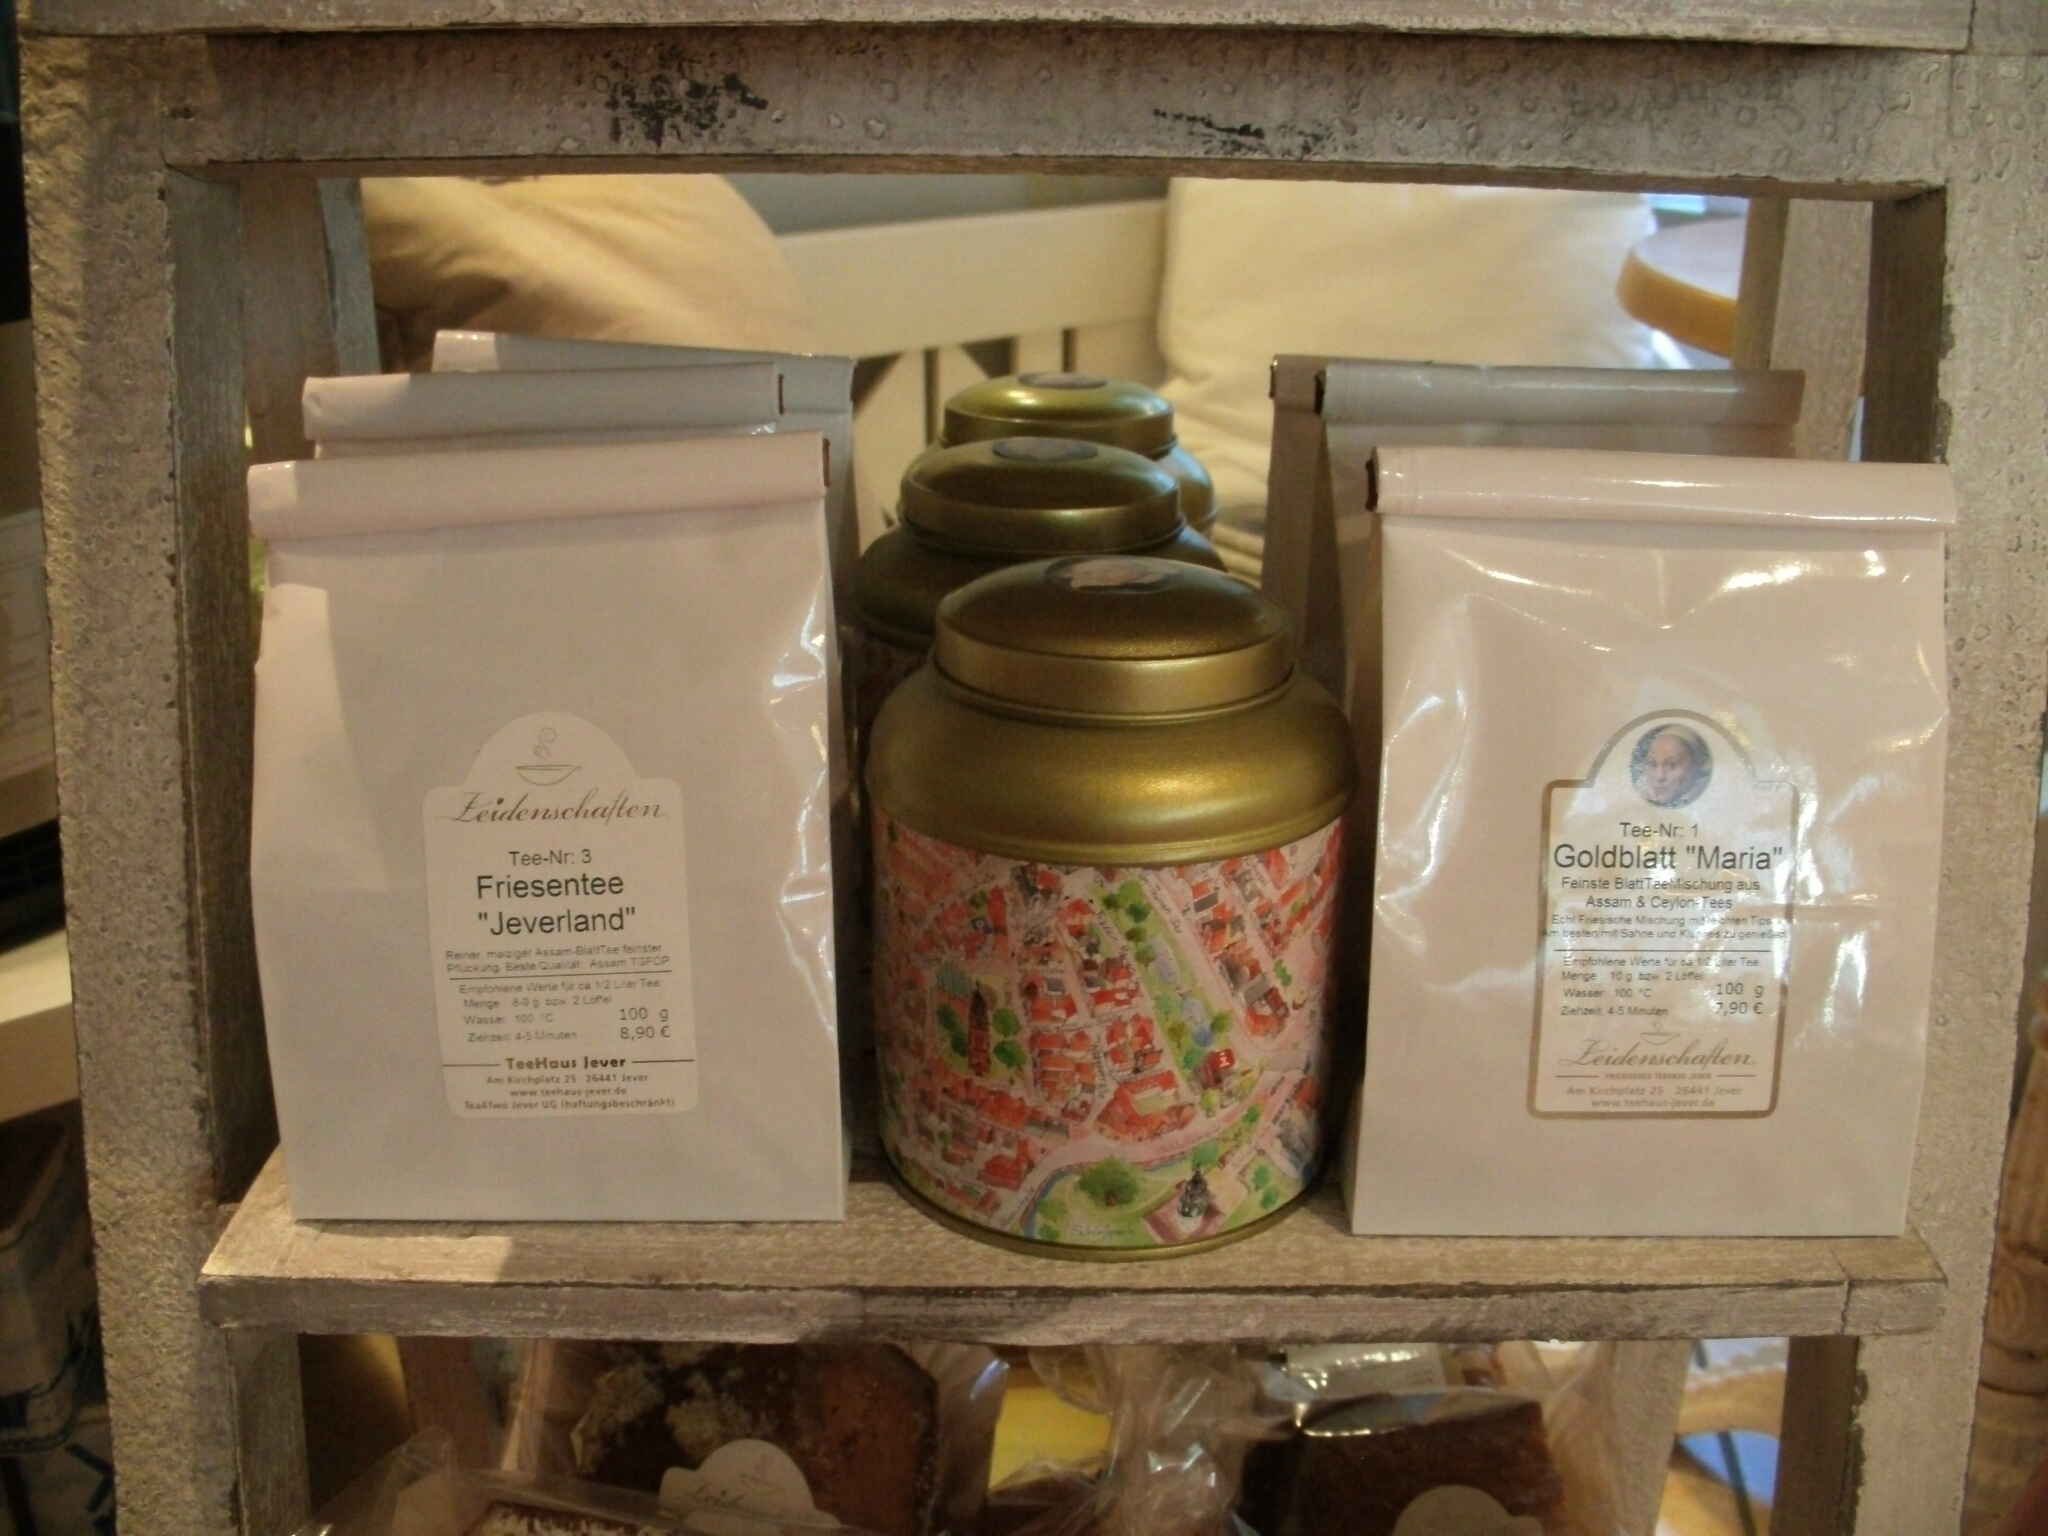 Bild zur Nachricht von Teehaus Jever: